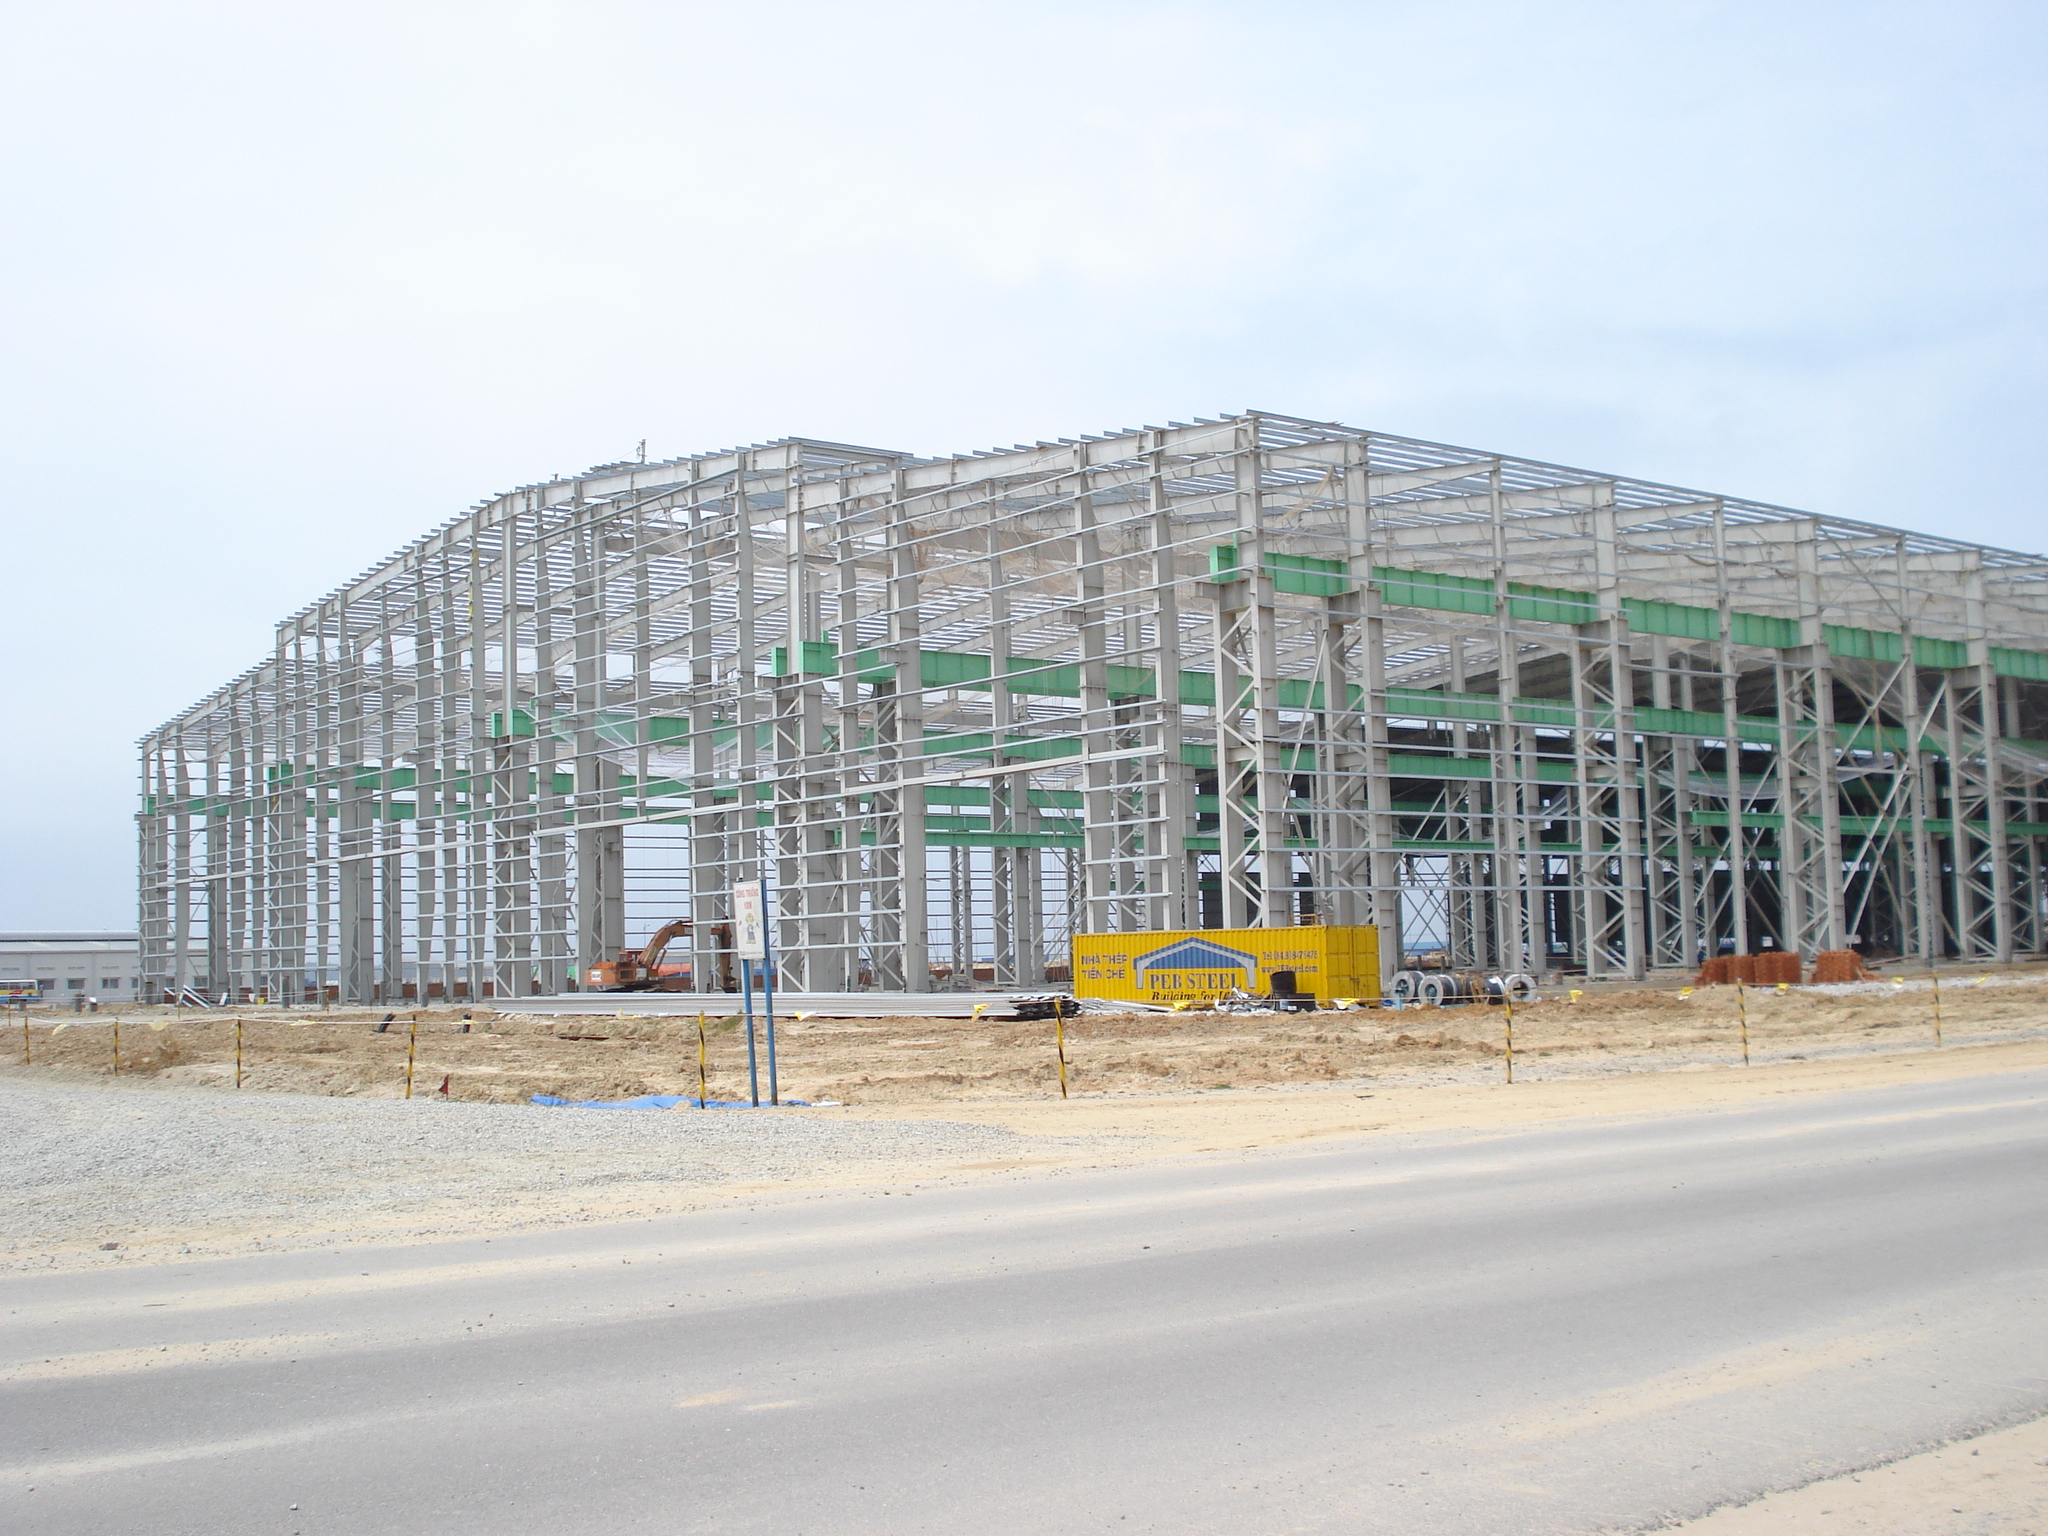 Danh sách các công ty nhà thép tiền chế xây dựng nhà xưởng đạt chuẩn - 1